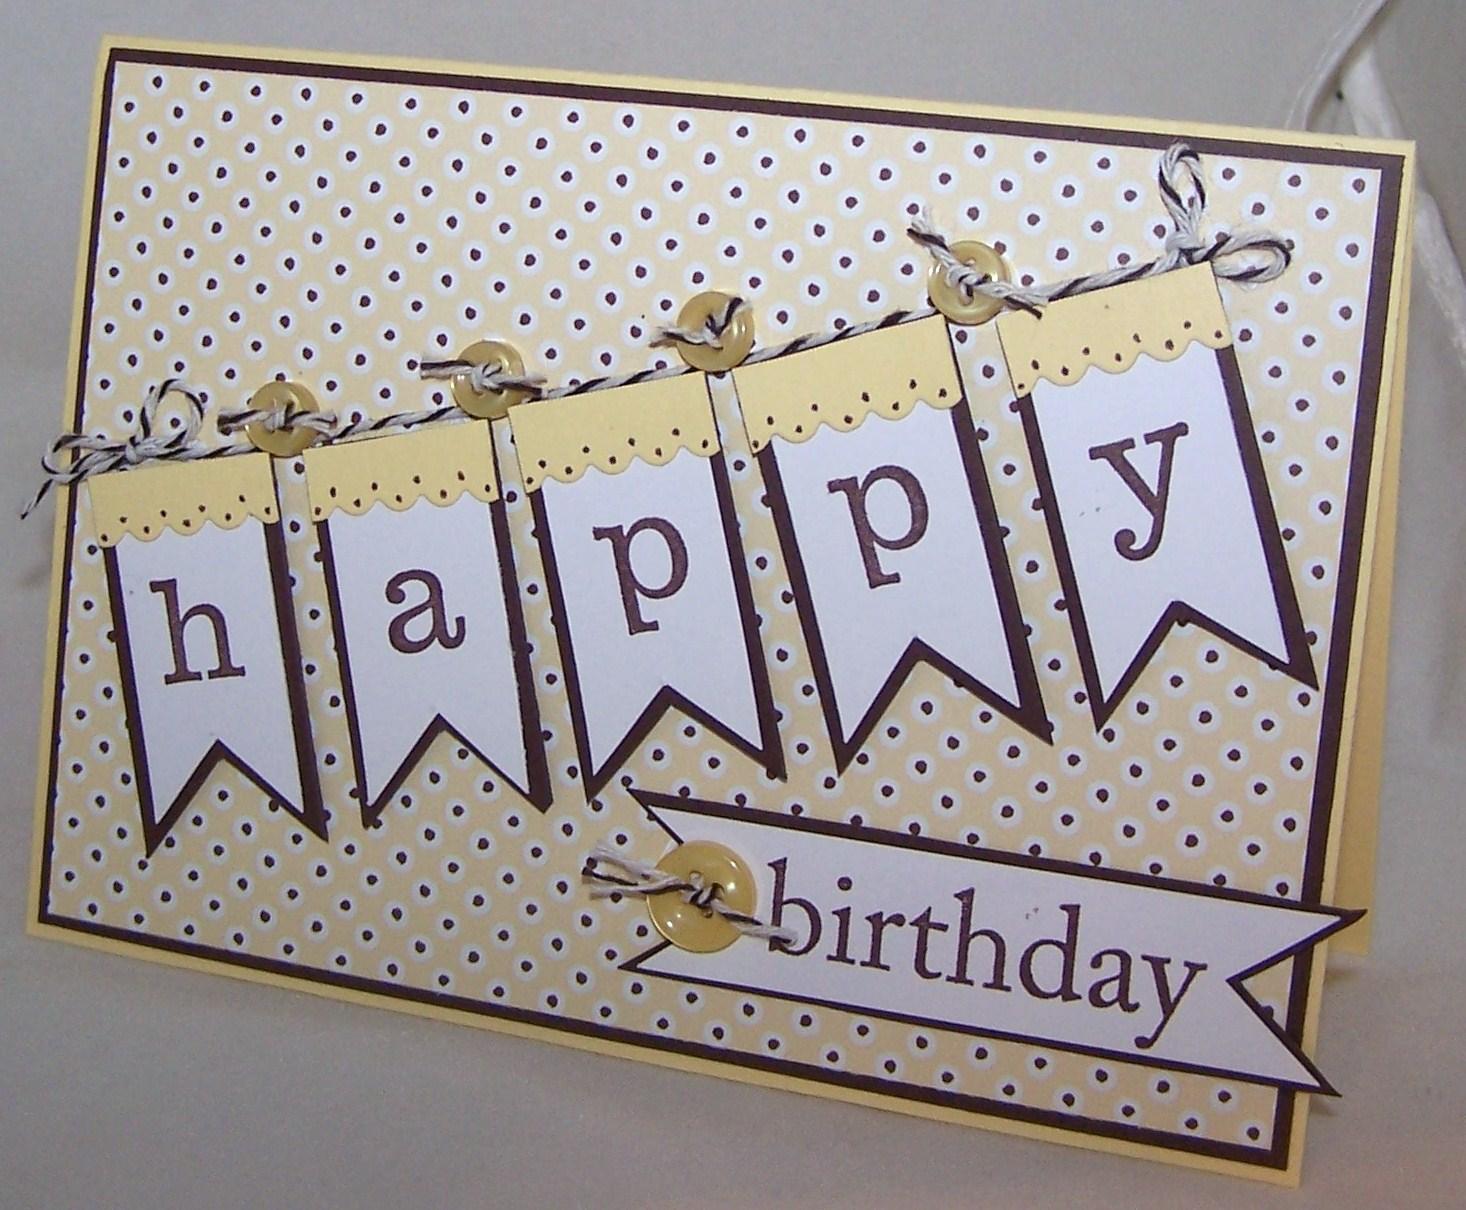 http://3.bp.blogspot.com/_HR8GWH-X32s/TQUhjcyQc6I/AAAAAAAACmE/_JtGTeLM9Yk/s1600/Birthday+Banner.JPG